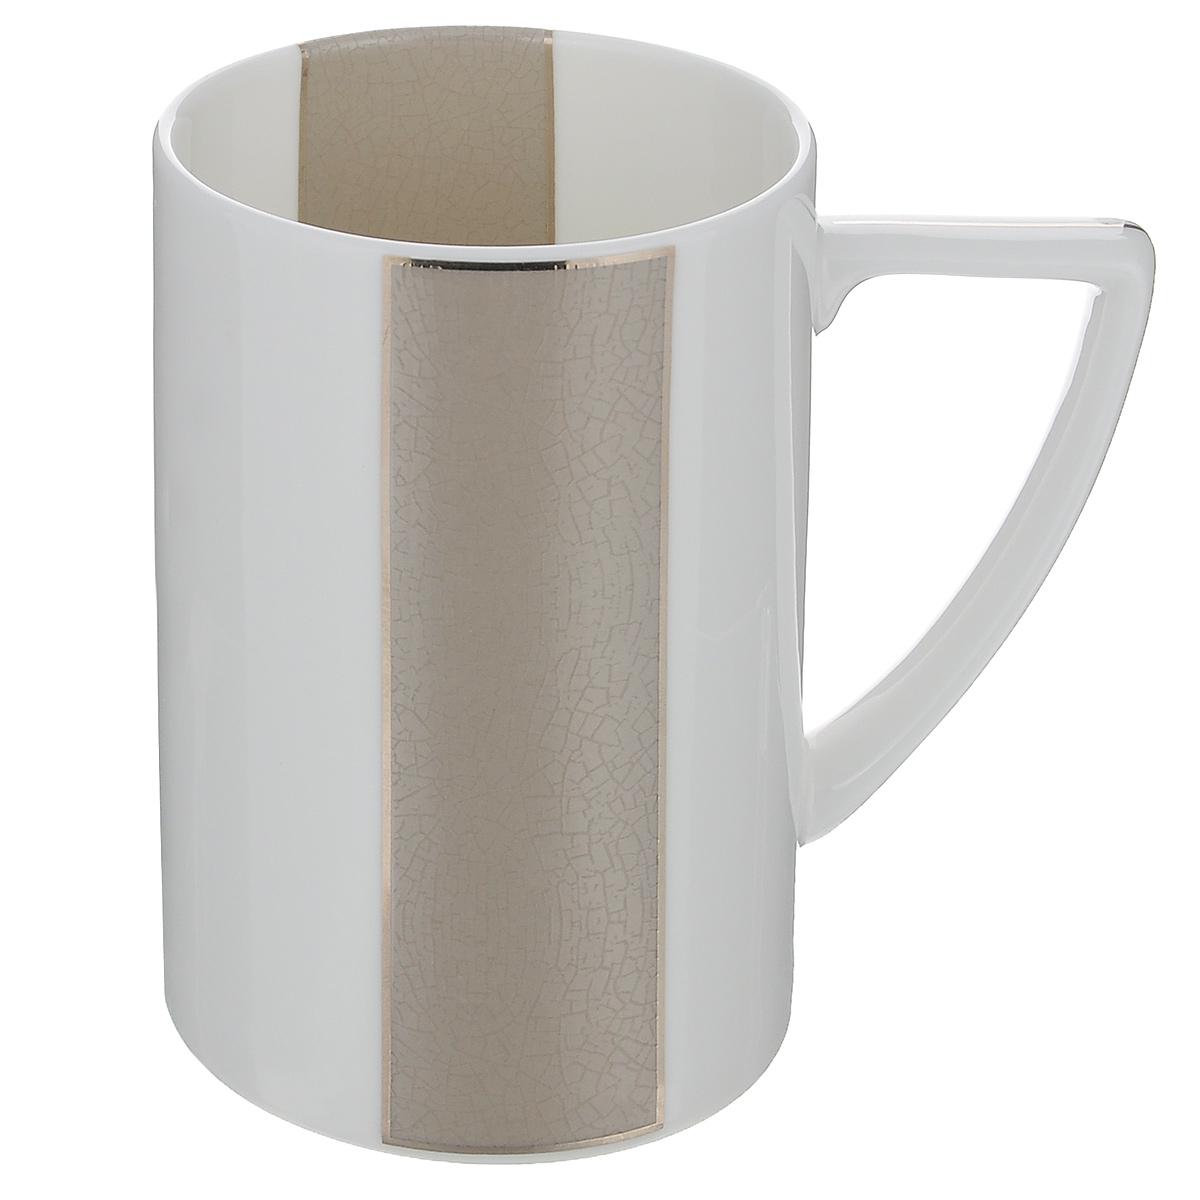 Кружка Royal Porcelain Шайн, цвет: белый, серый, 380 мл9034/3431Кружка Royal Porcelain Шайн, выполненная из высококачественного костяного фарфора, декорирована цветными вставками и серебристой эмалью. Изделие оснащено удобной ручкой. Основными достоинствами изделий из костяного фарфора являются прочность и абсолютно гладкая глазуровка. Кружка сочетает в себе оригинальный дизайн и функциональность. Благодаря такой кружке пить напитки будет еще вкуснее. Кружка Royal Porcelain Шайн согреет вас долгими холодными вечерами. Не рекомендуется использовать в посудомоечной машине и микроволновой печи. Объем: 380 мл. Диаметр (по верхнему краю): 7,5 см. Высота кружки: 11 см.